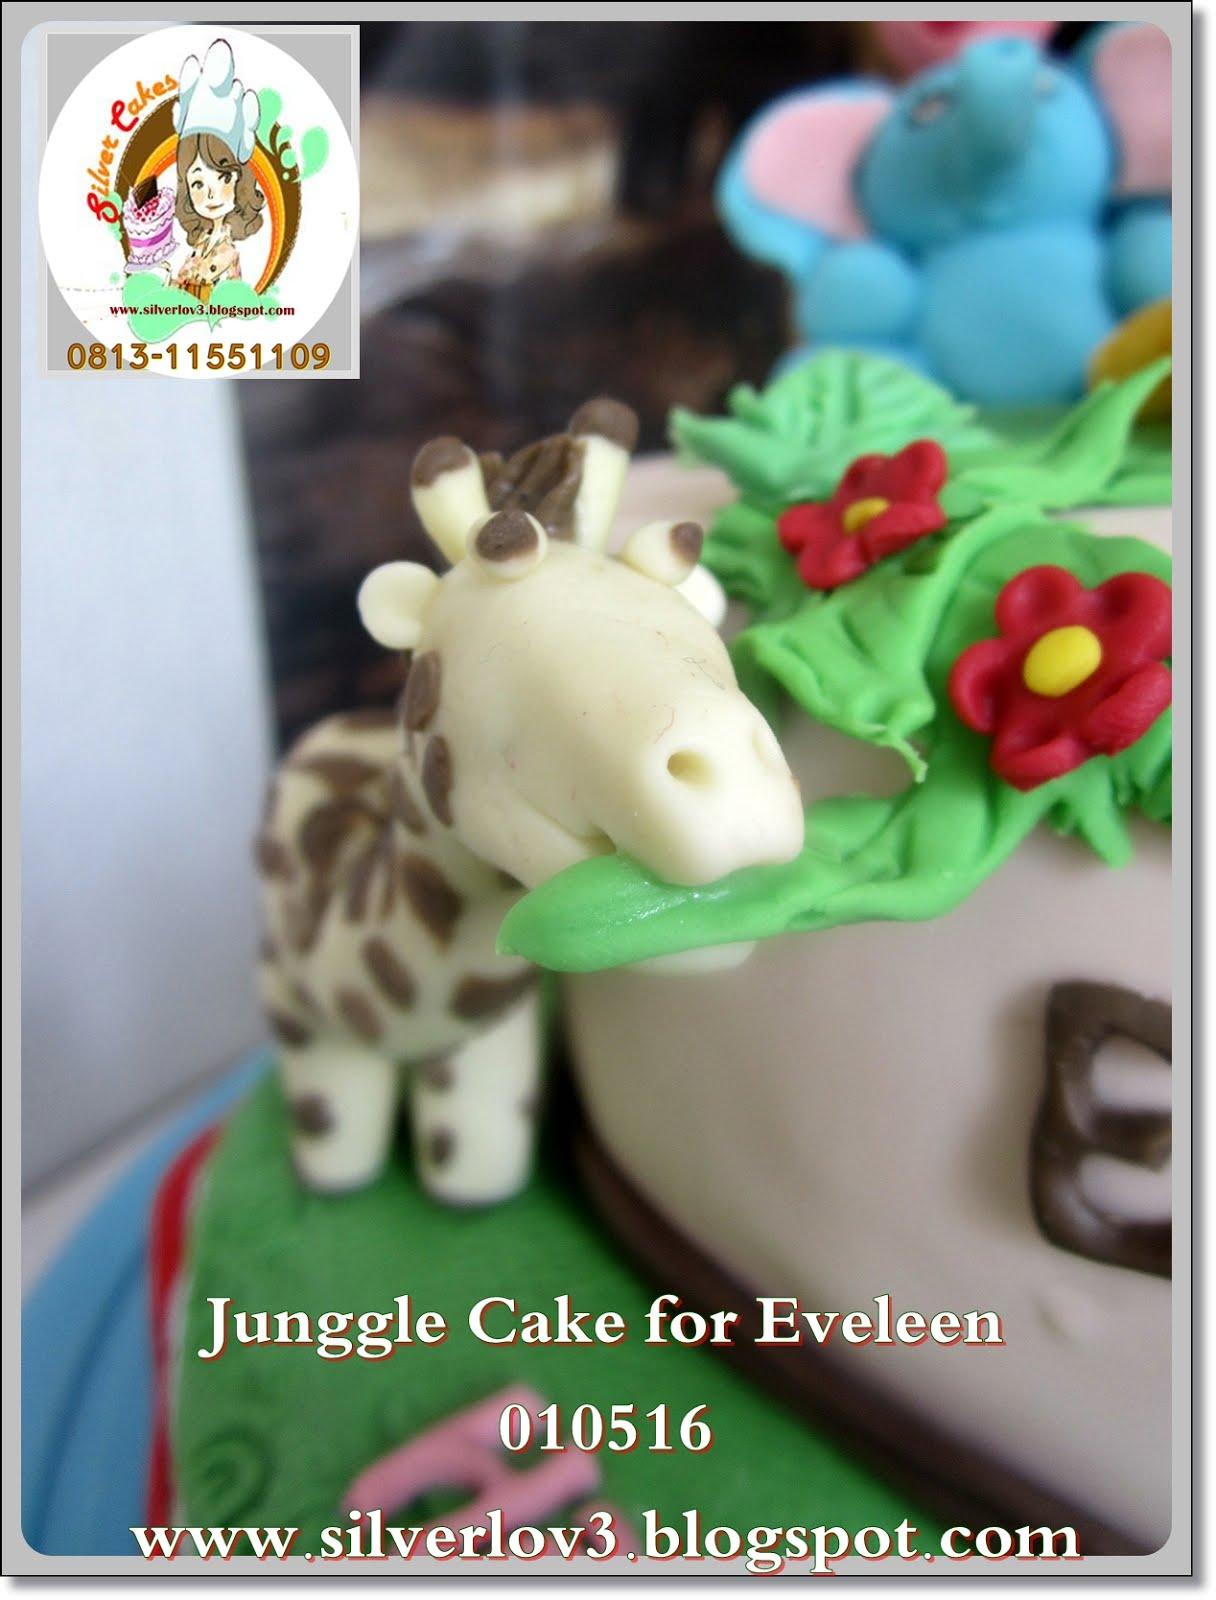 Junggle cake